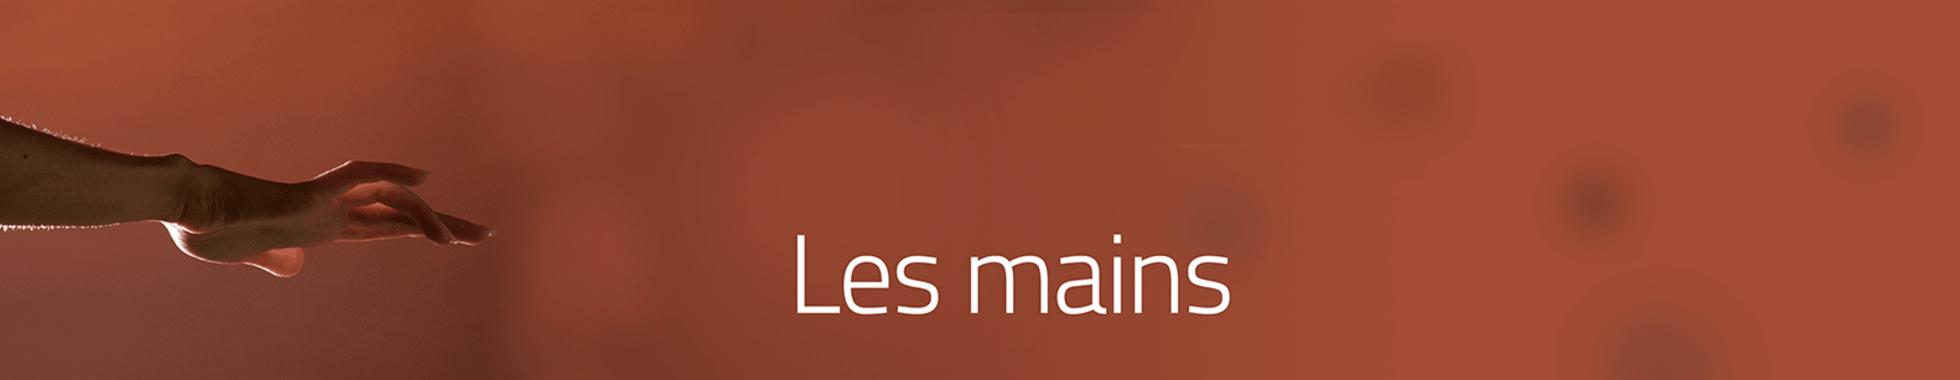 Traitement mycoses des ongles et verrues à Aix-en-Provence